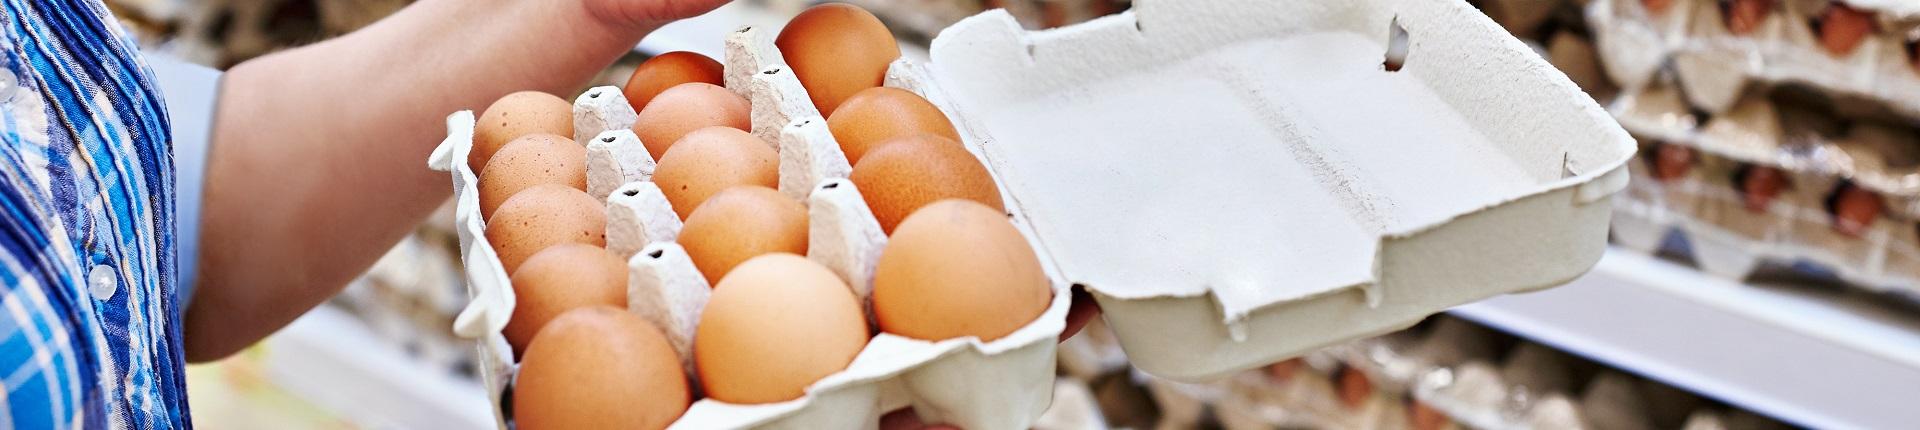 Co z tymi jajami?